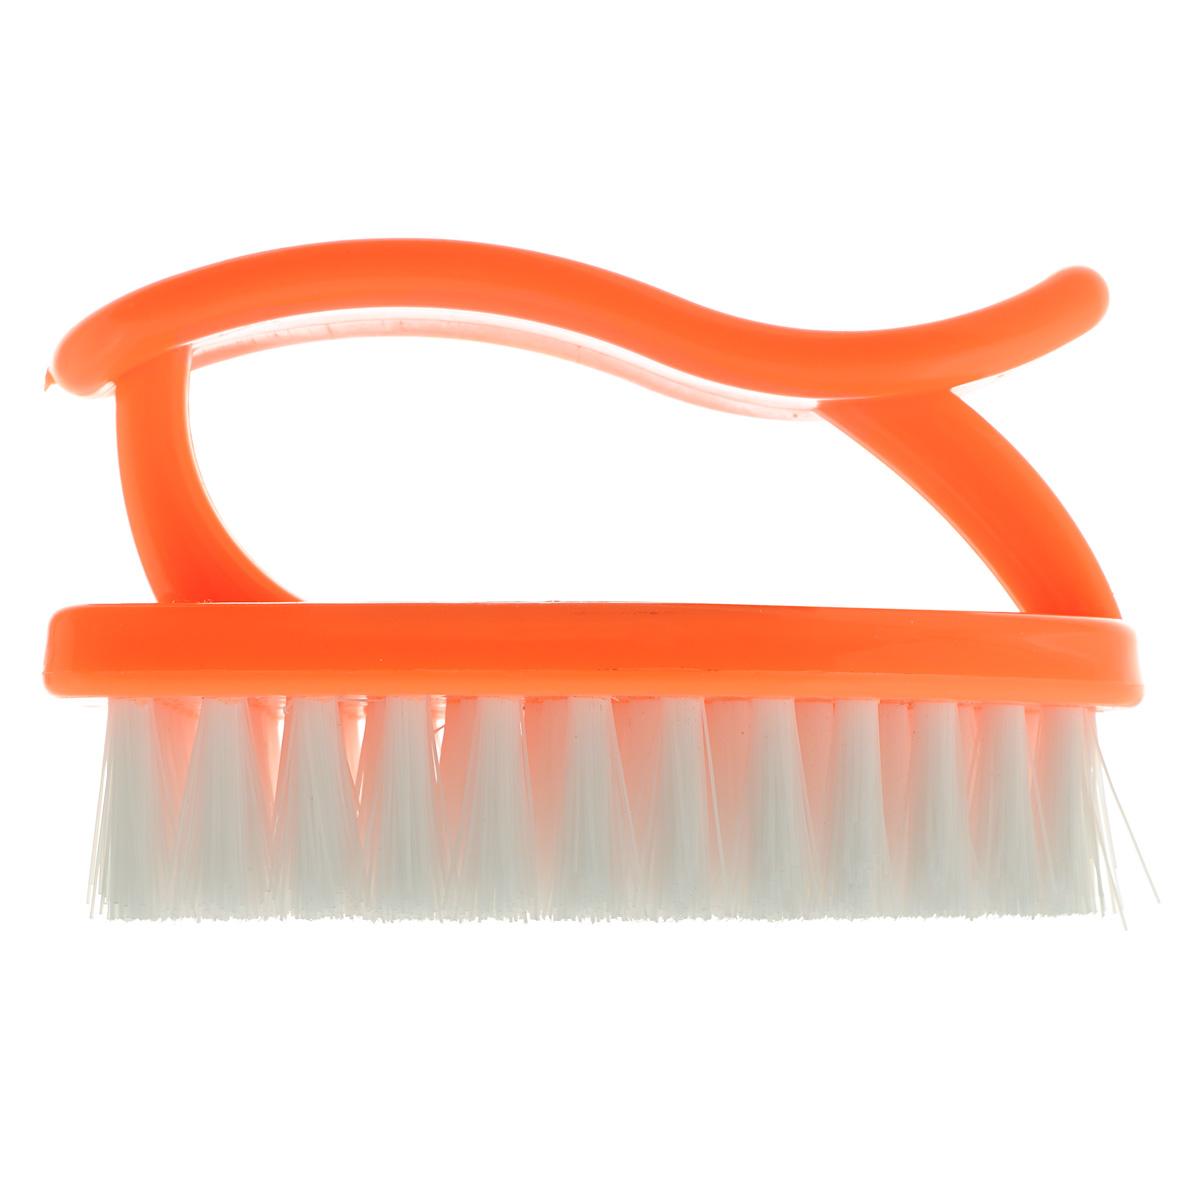 Щетка Home Queen Утюг, универсальная, цвет: оранжевый. 8989Щетка Home Queen Утюг, выполненная из полипропилена, является универсальной щеткой для очистки поверхностей ванной комнаты и кухни. Изделие оснащено удобной ручкой. Длина щетины: 2 см.